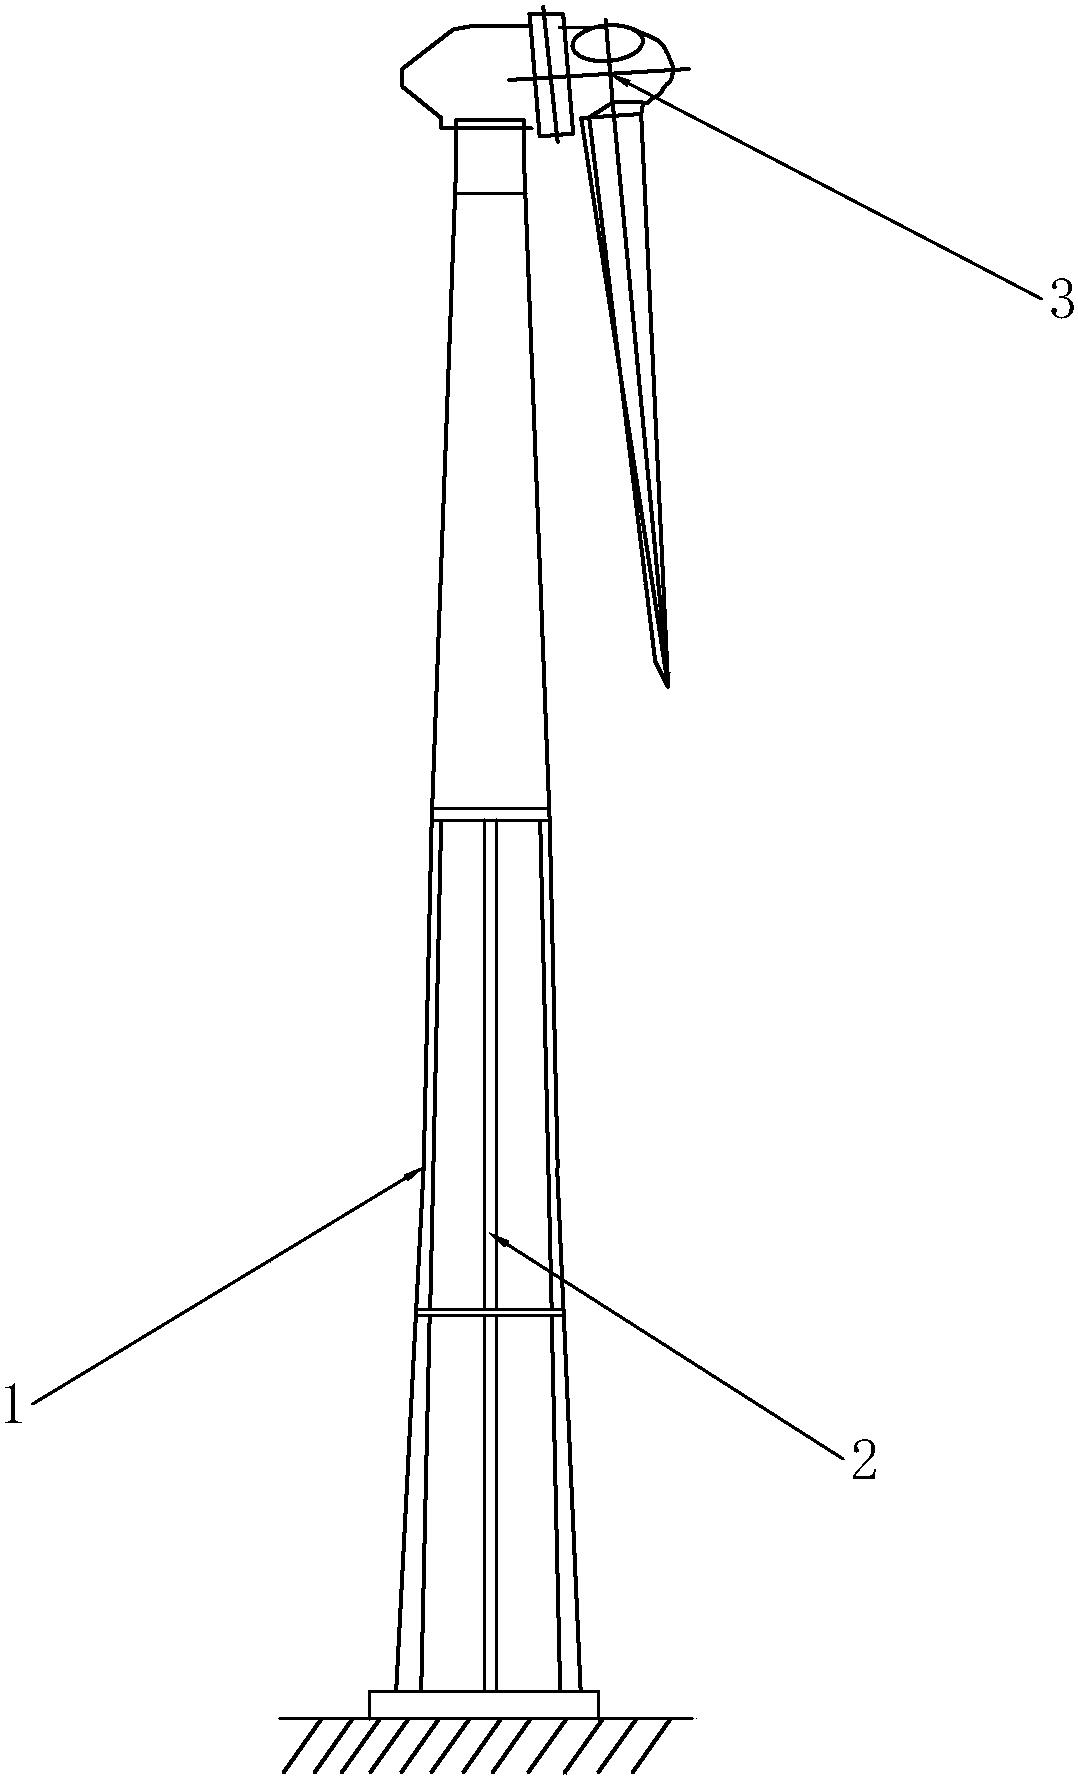 一种新型风电塔筒及包括该塔筒的风电机组